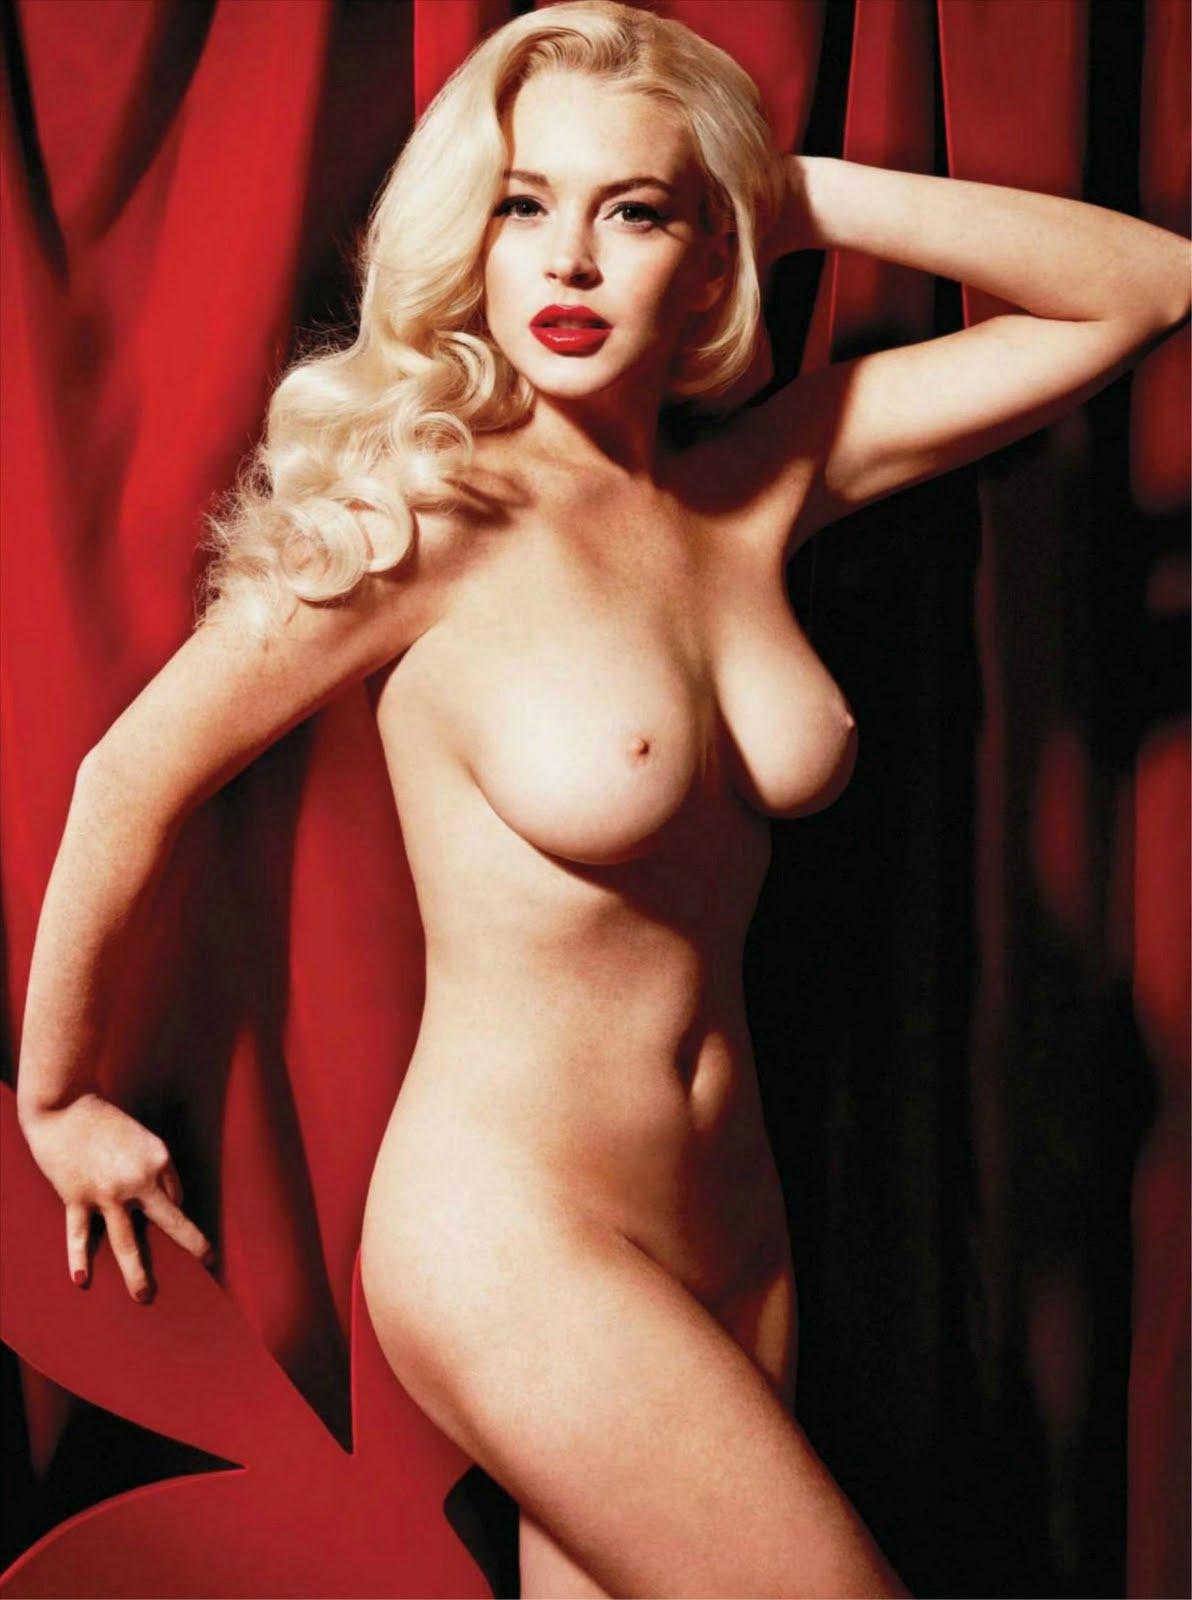 http://3.bp.blogspot.com/-2Cc7EyurRHU/TuULrgZxHVI/AAAAAAAAiGA/iuJ3ORoyHSc/s1600/Lindsay-Lohan-21.jpg